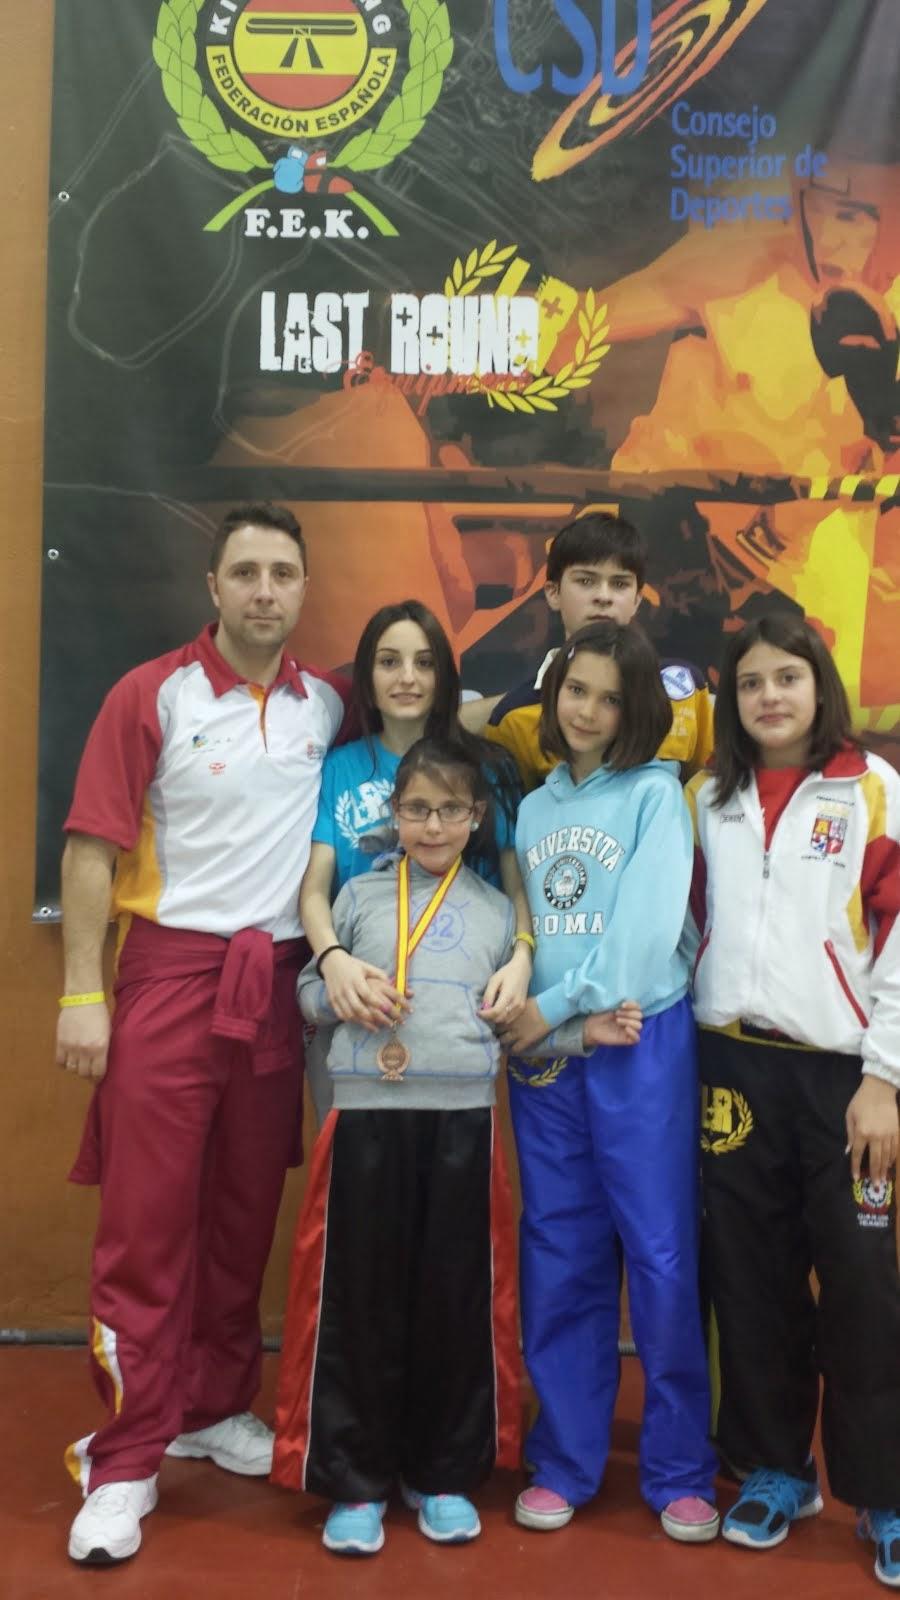 Camp de España Formas Y semi 2015